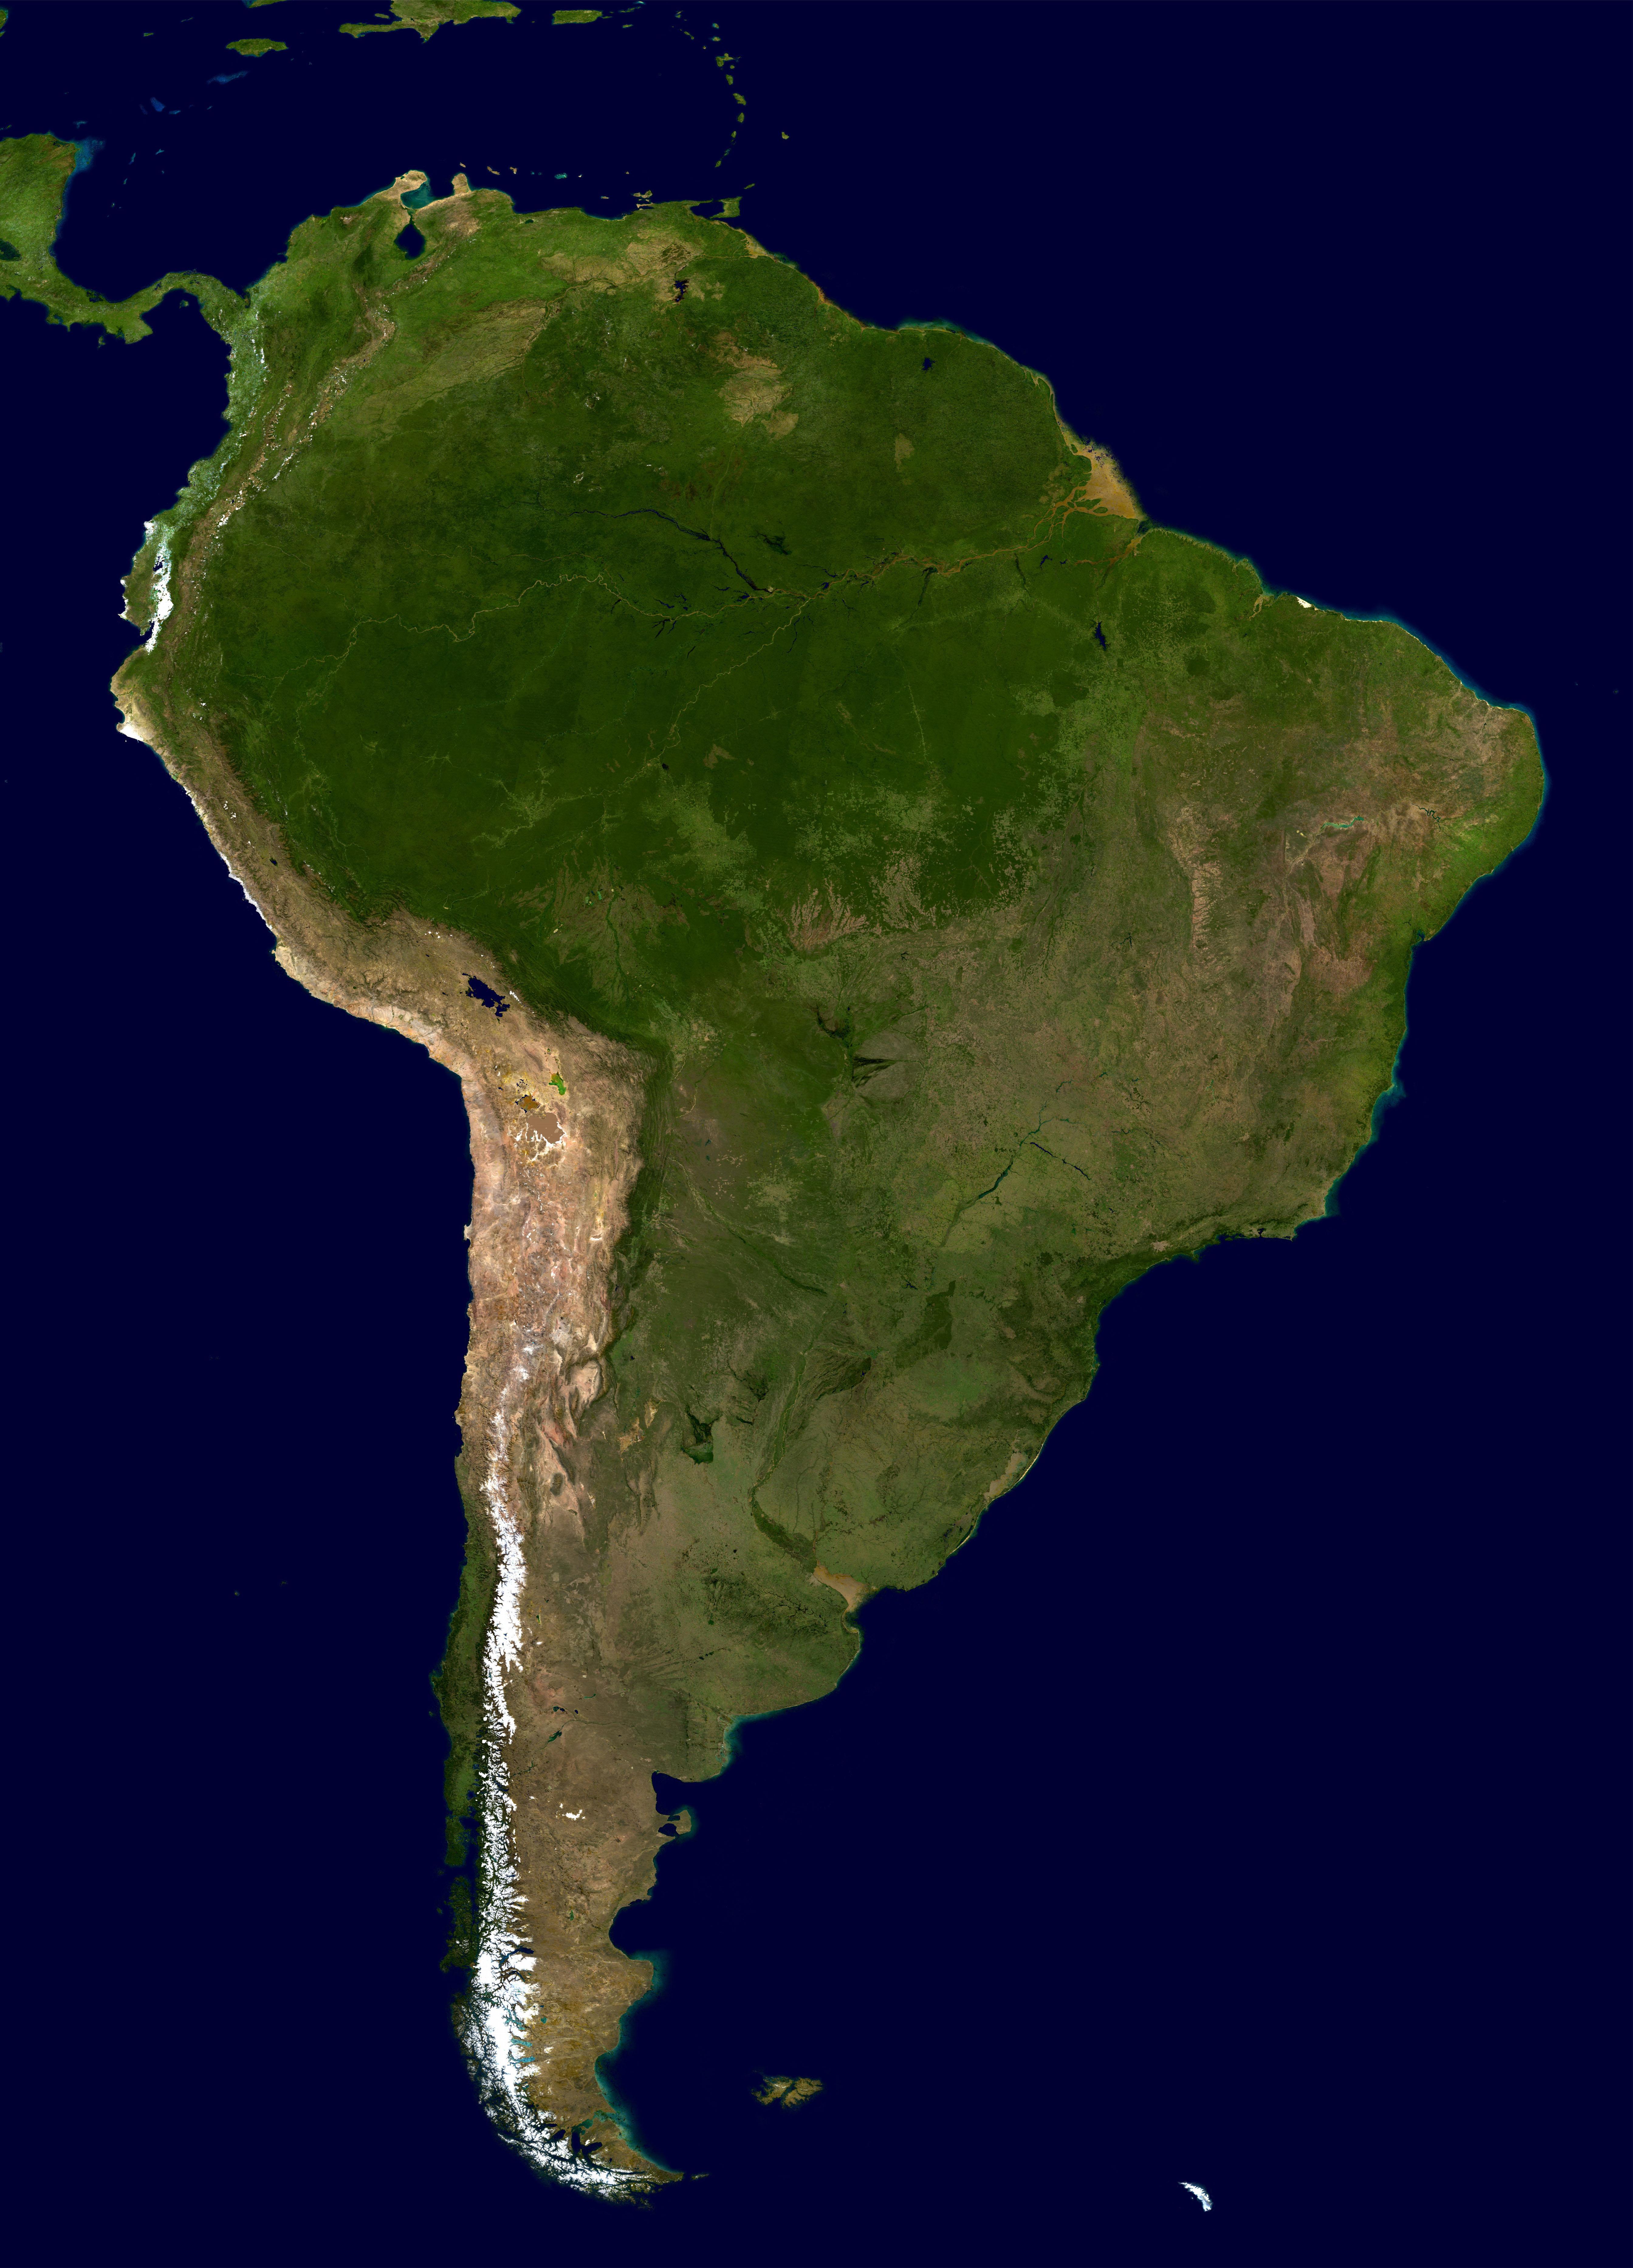 фото материка южная америка